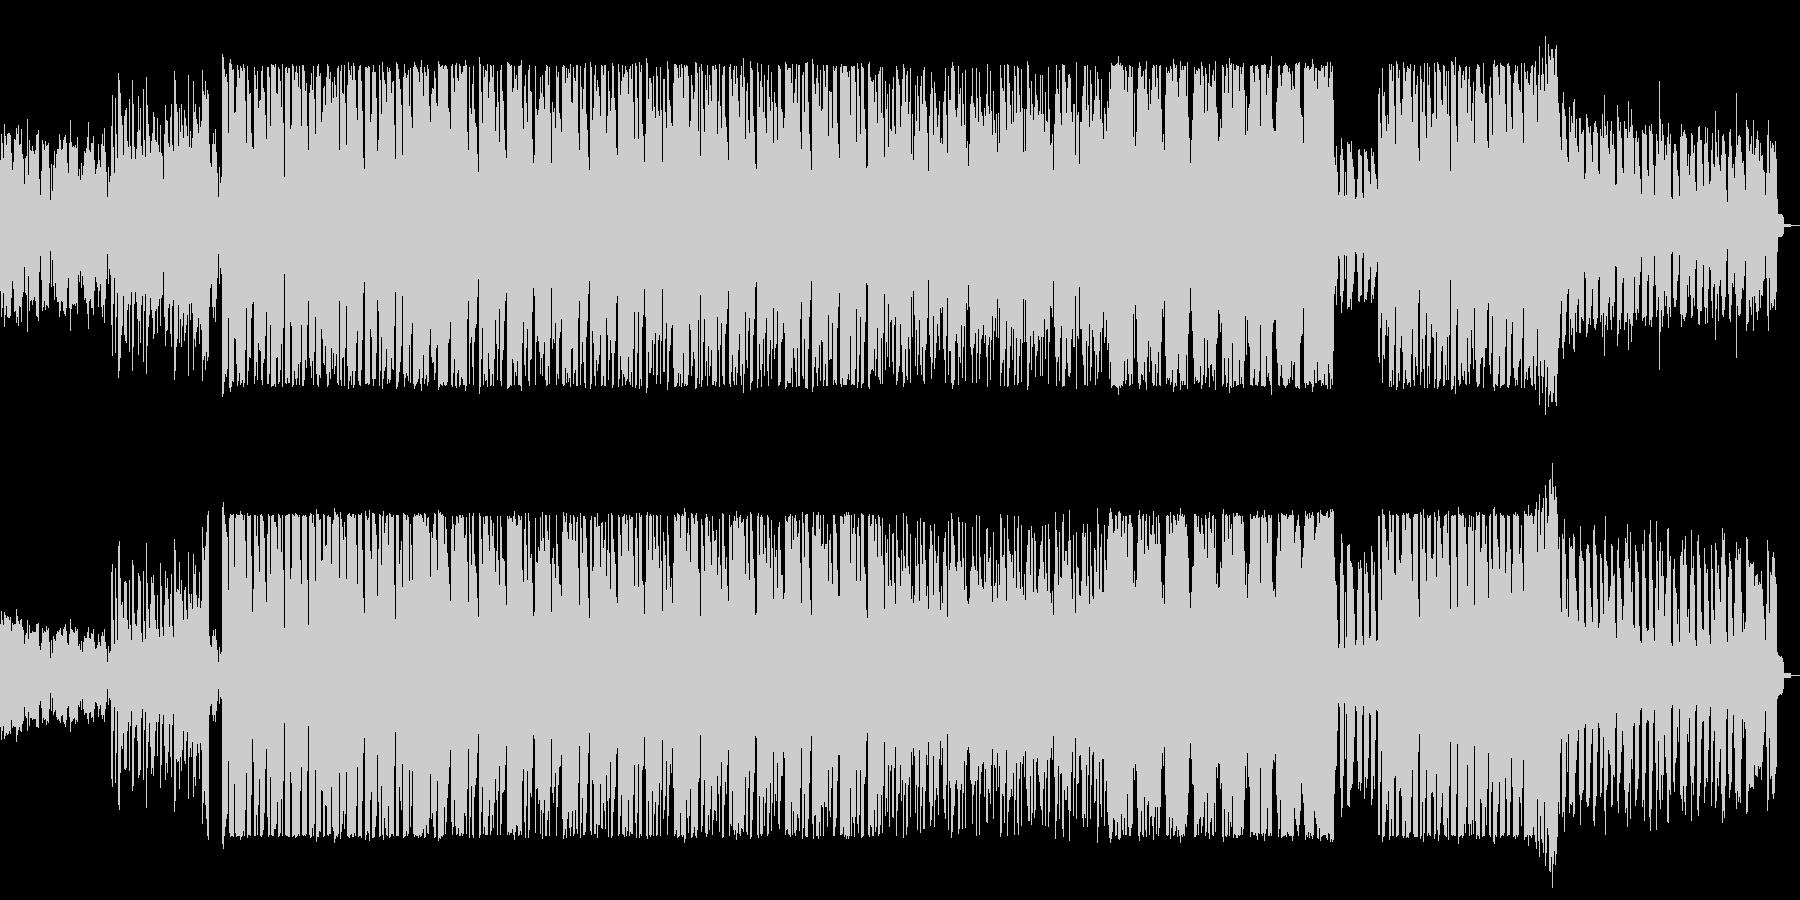 ベースの低音から始まるサスペンス感ある曲の未再生の波形